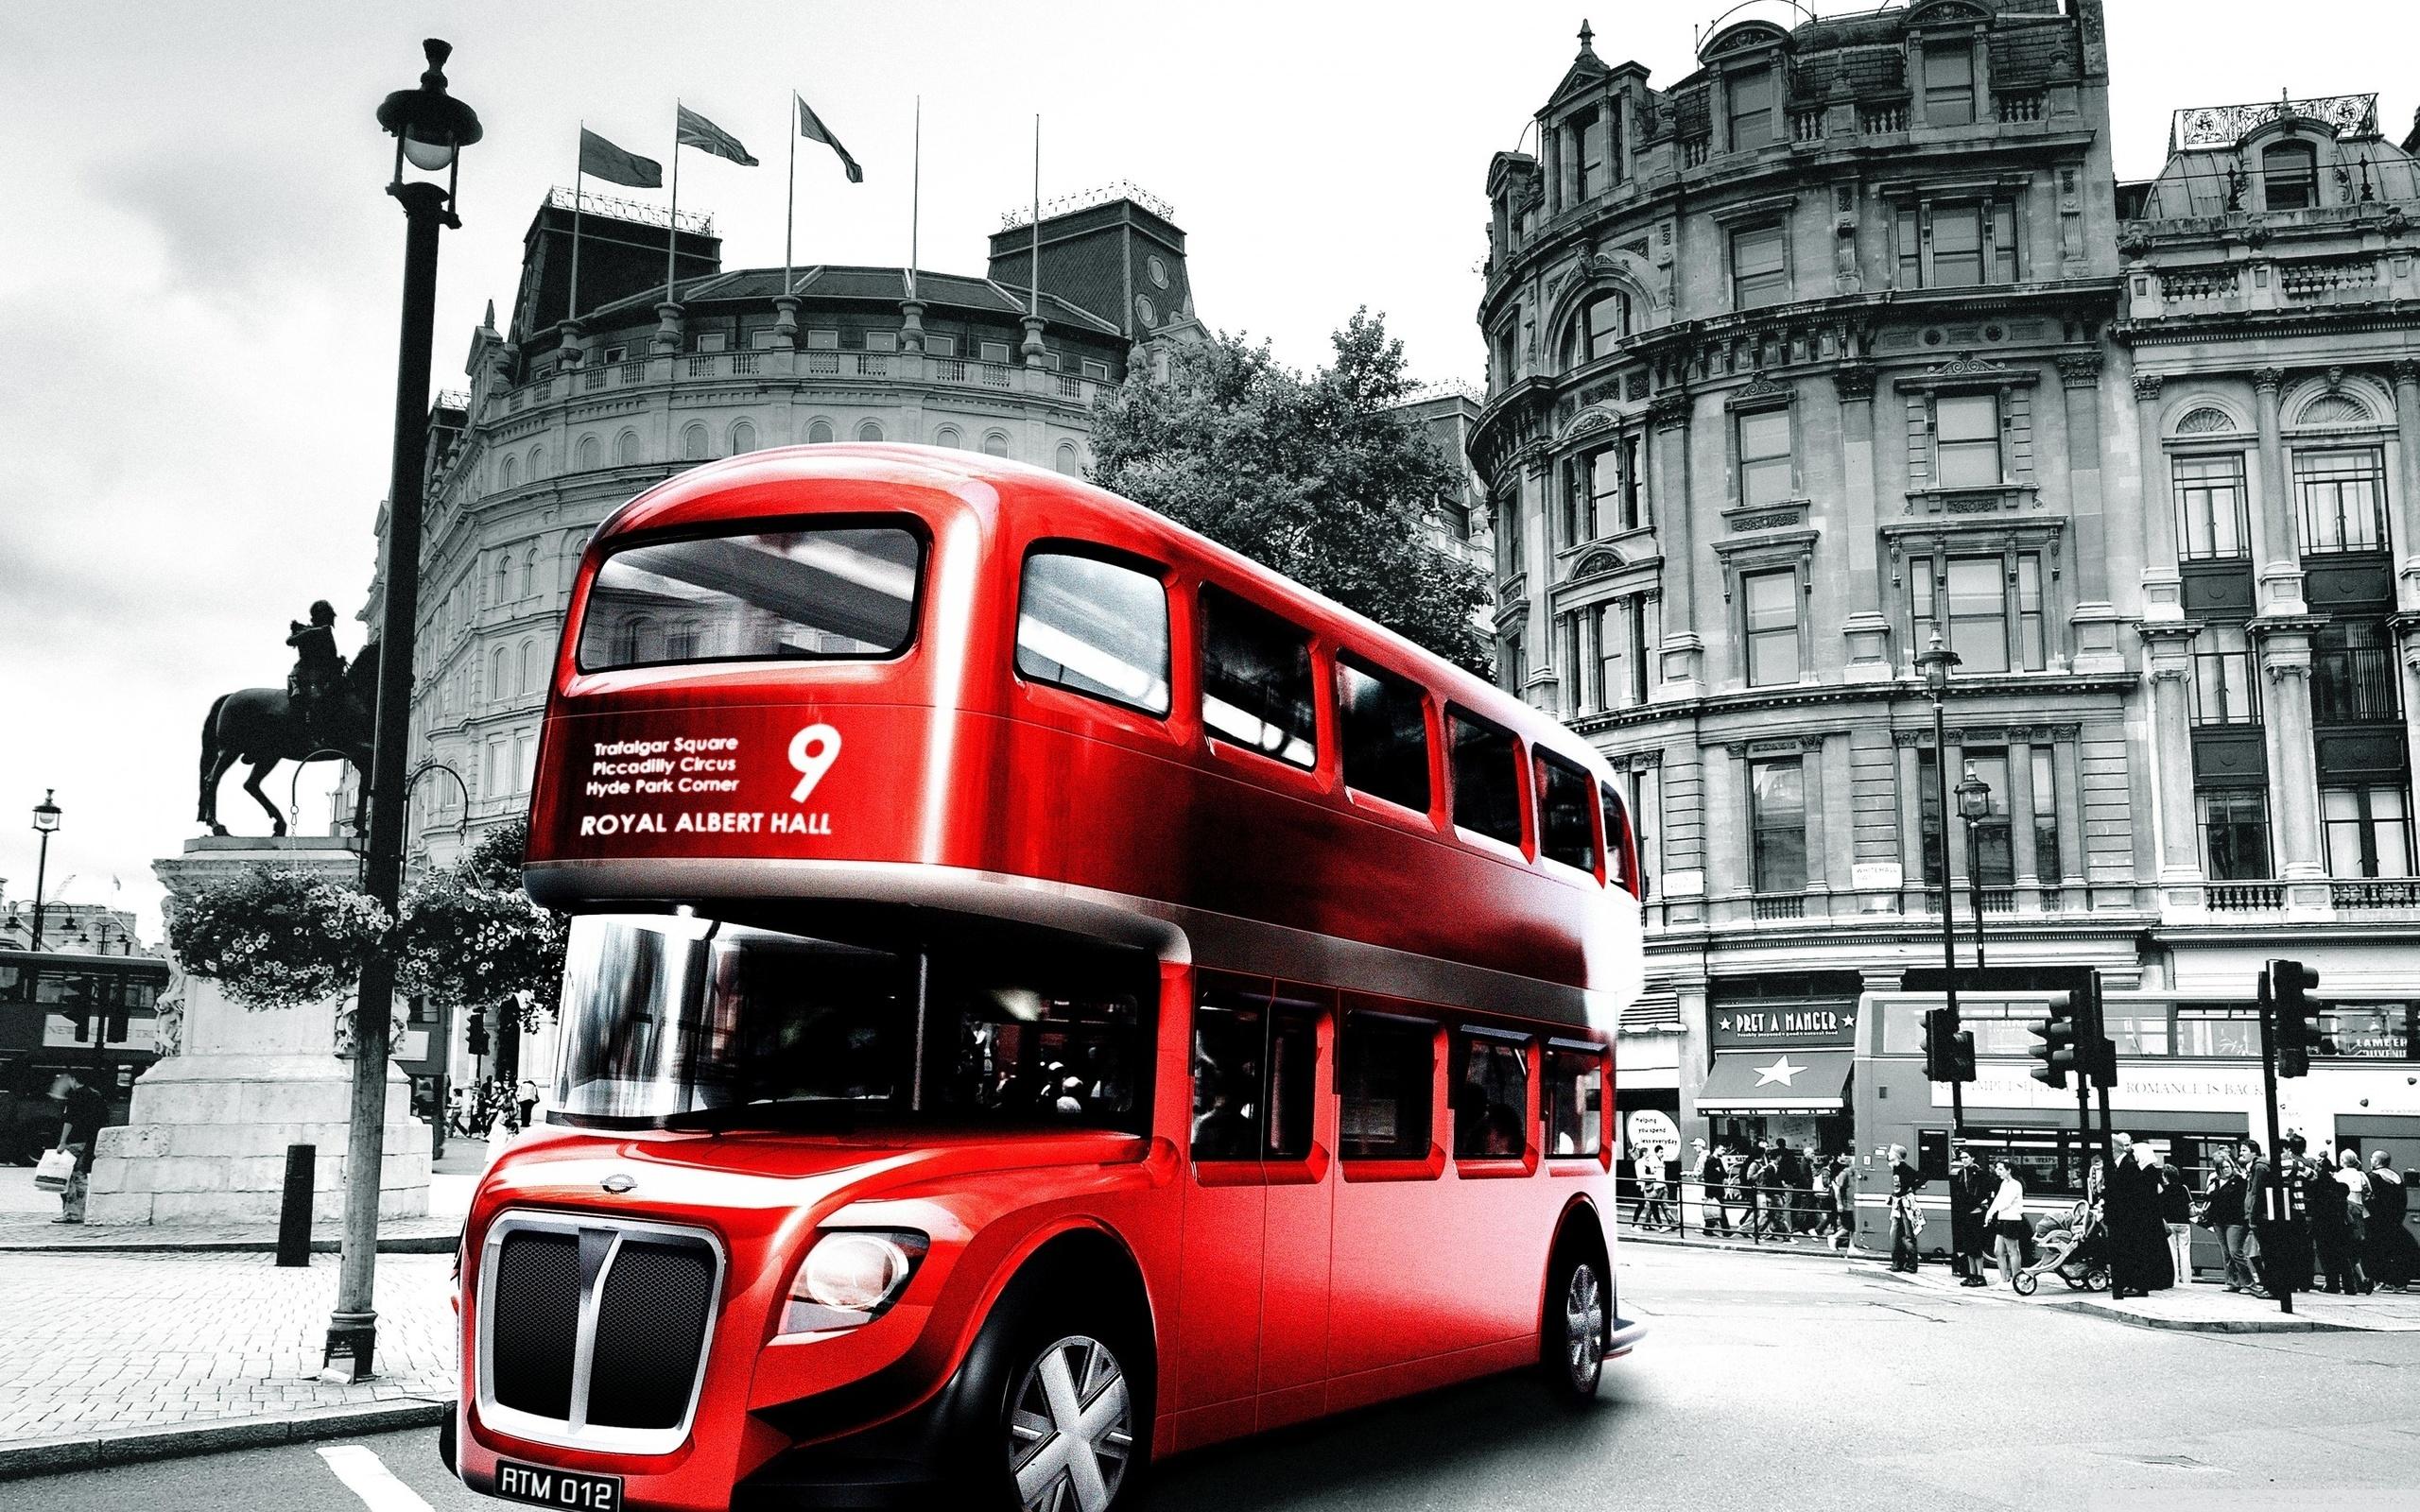 Картинки в лондонском стиле